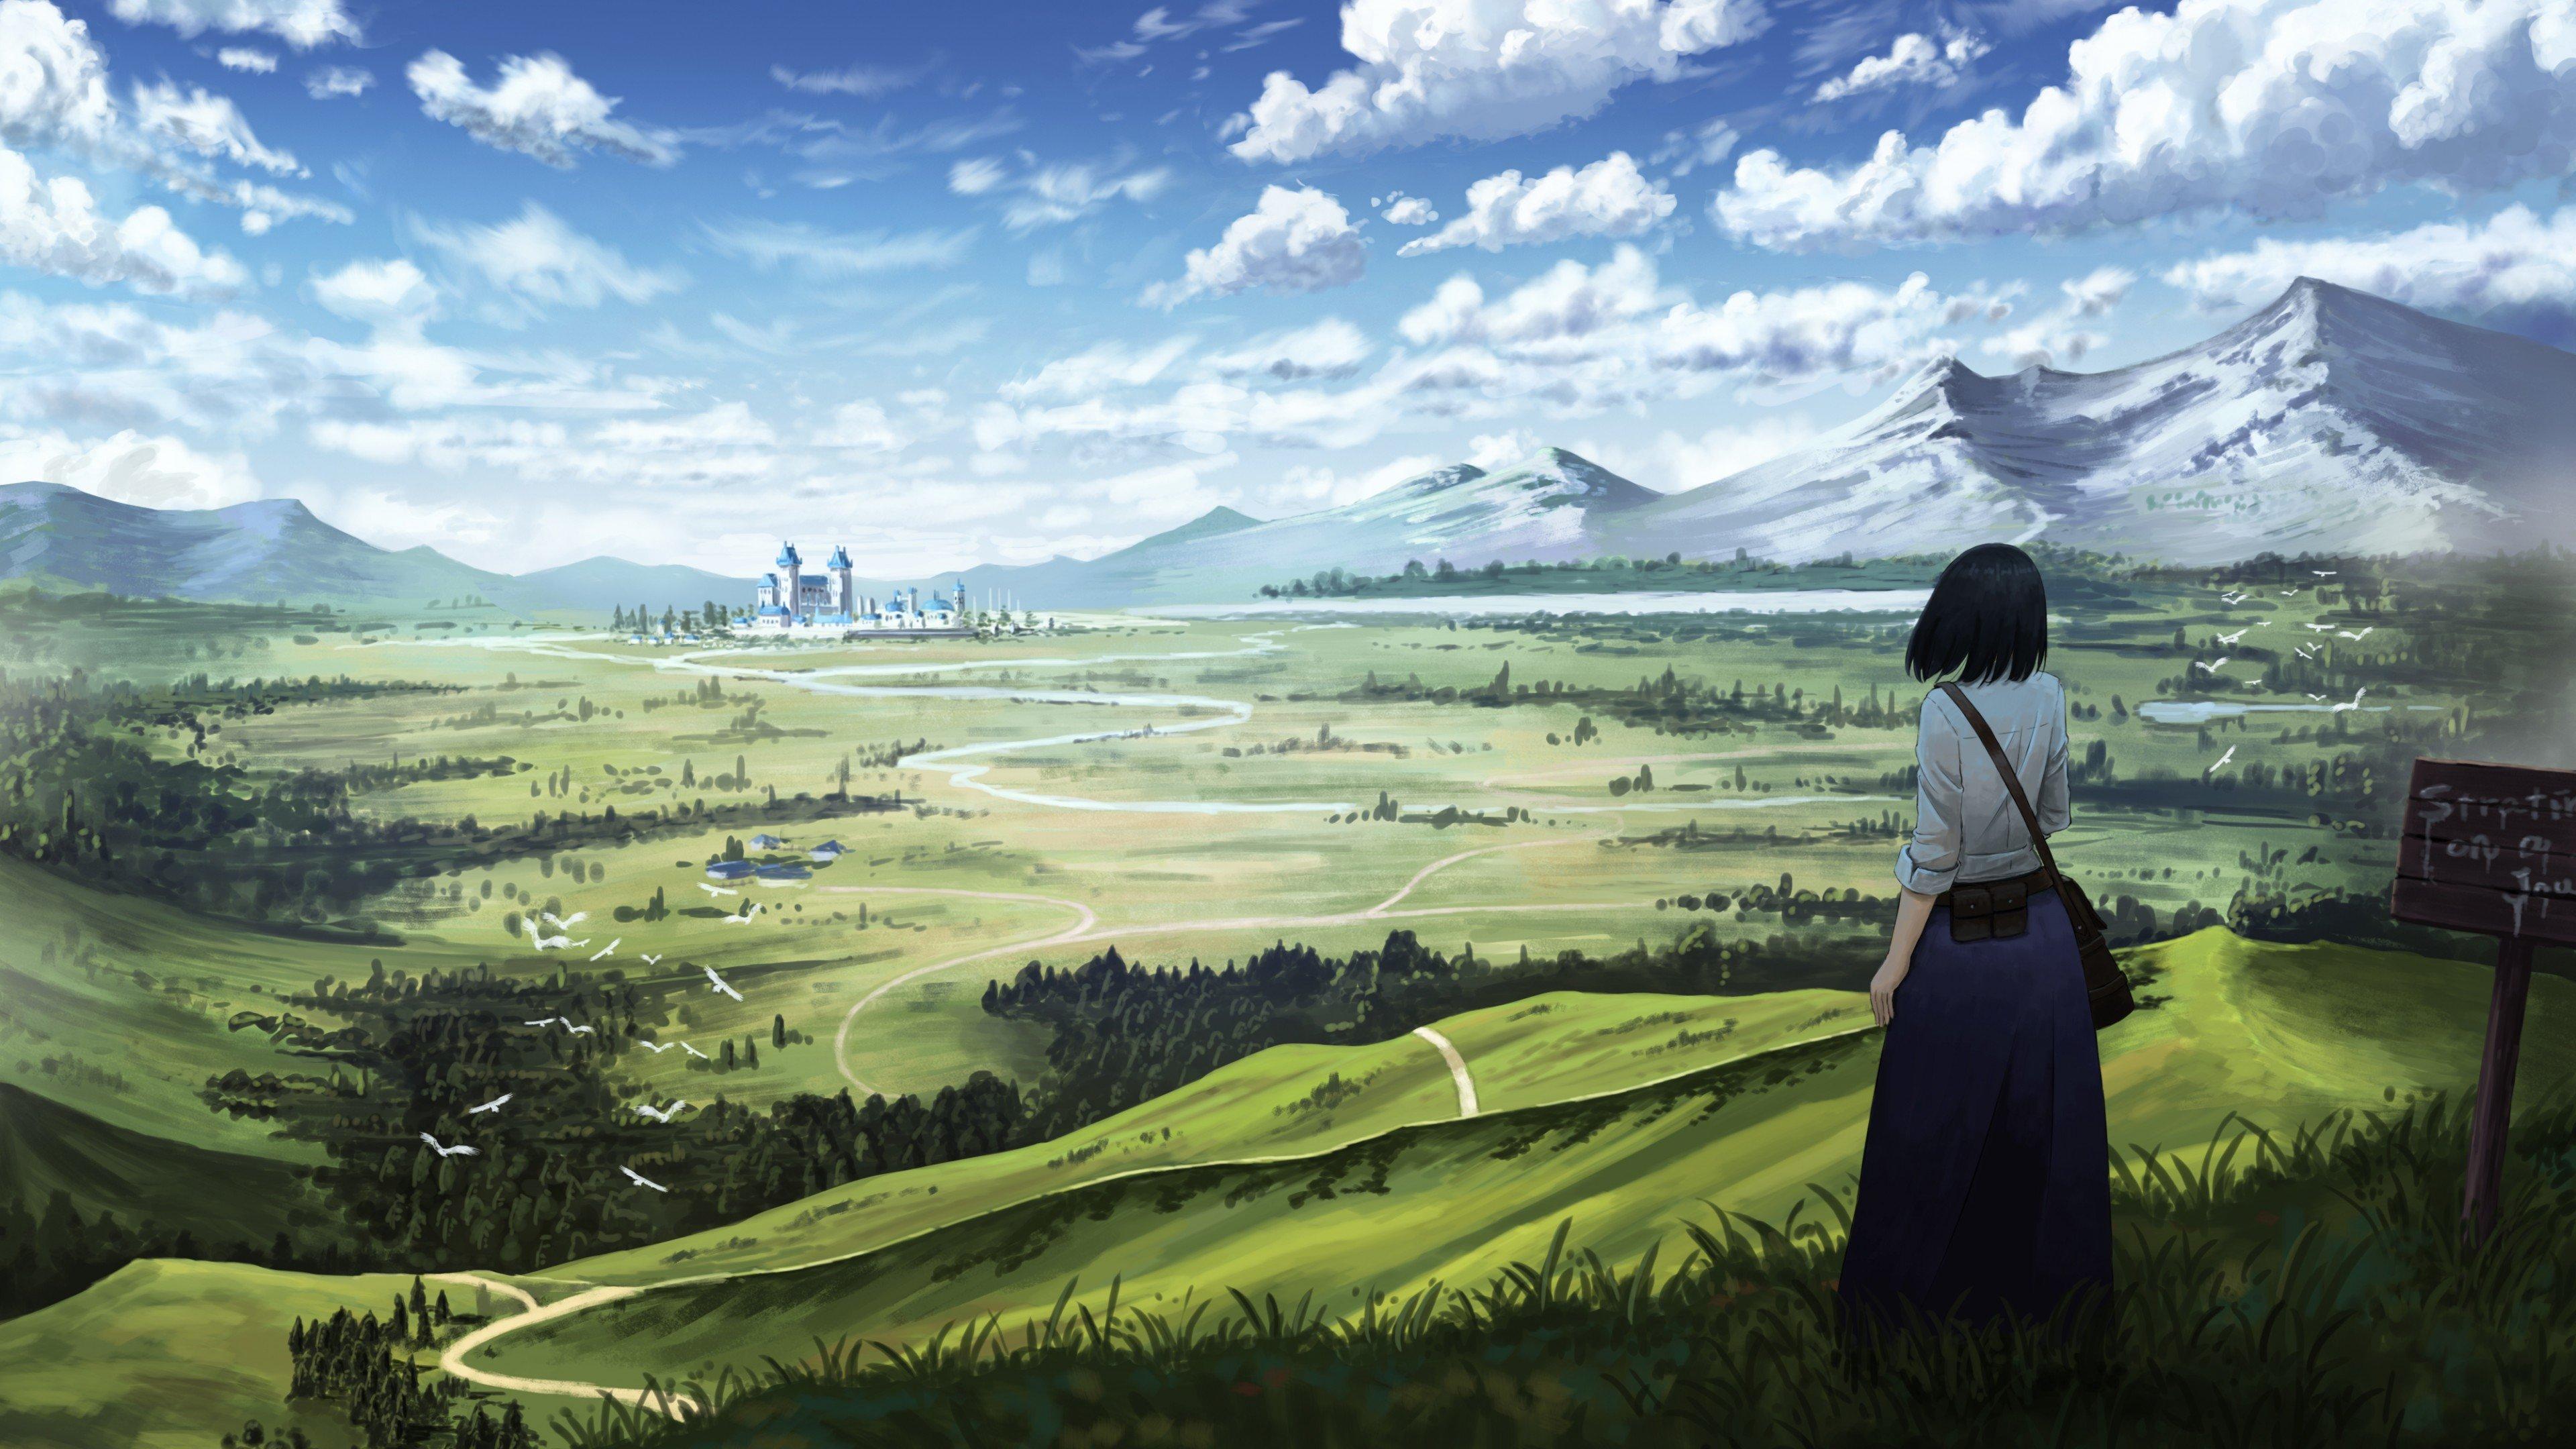 Anime Girl In Landscape Wallpaper 4k Ultra Hd Id 3730